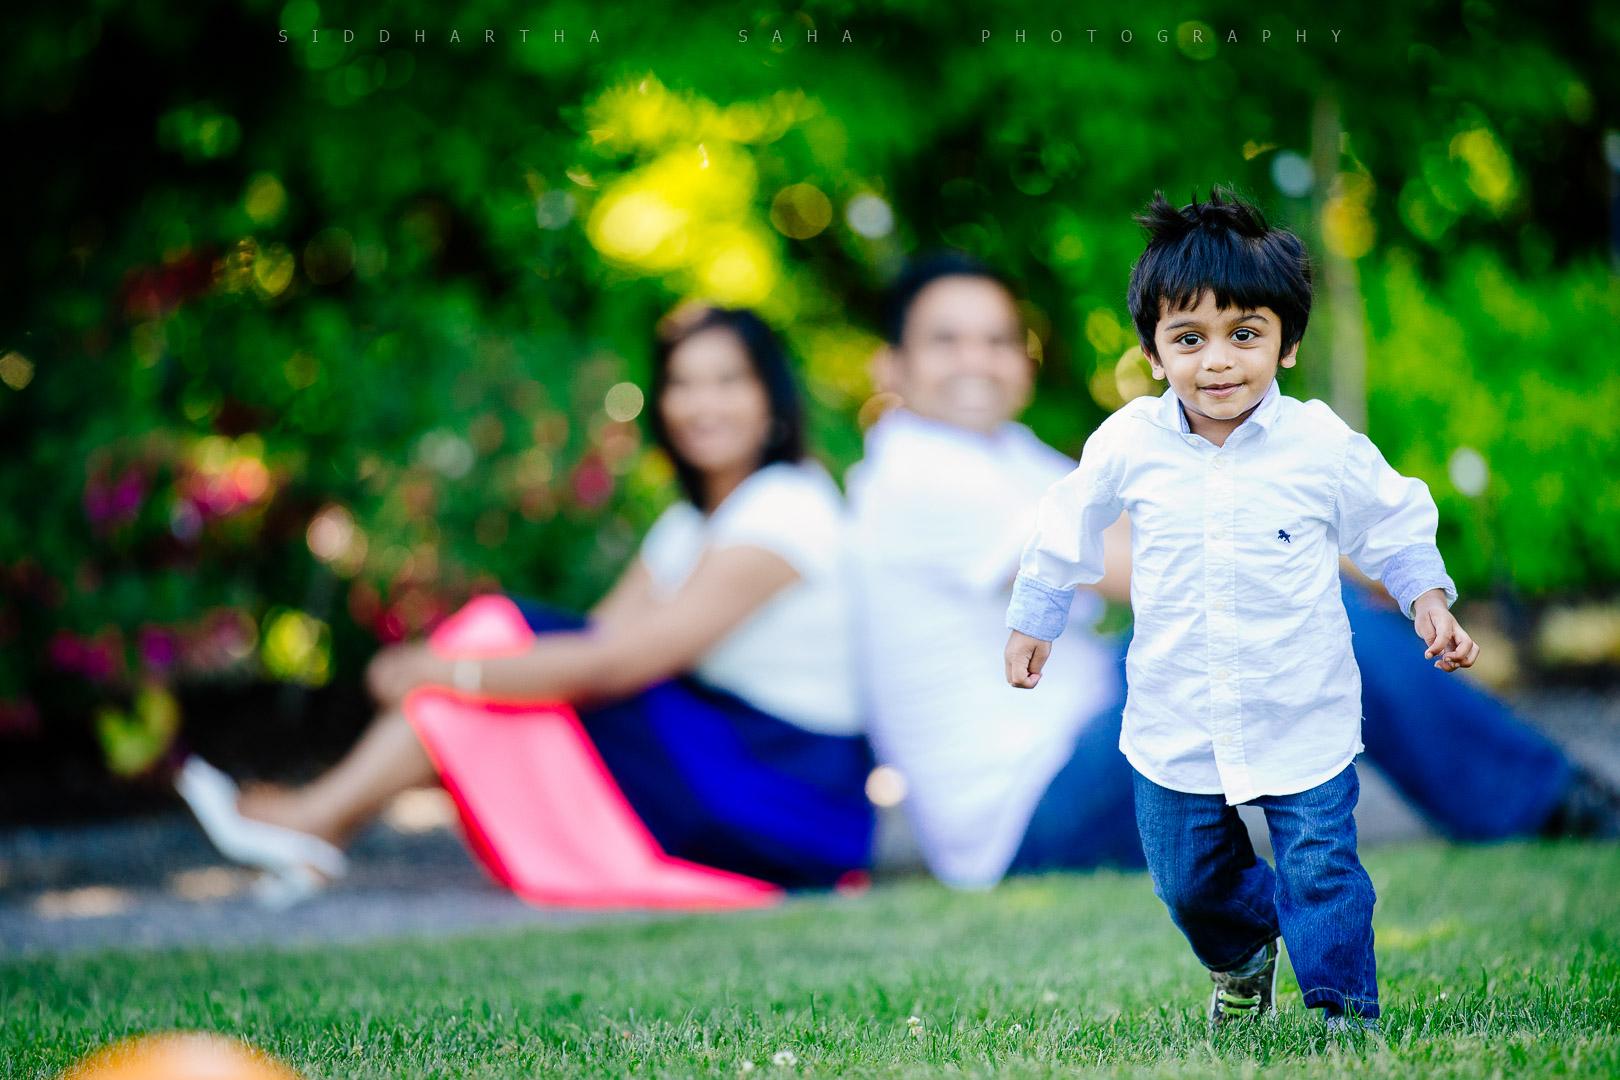 2015-06-14 - Ranjani Naveen Vihaan Photoshoot - _05Y6212